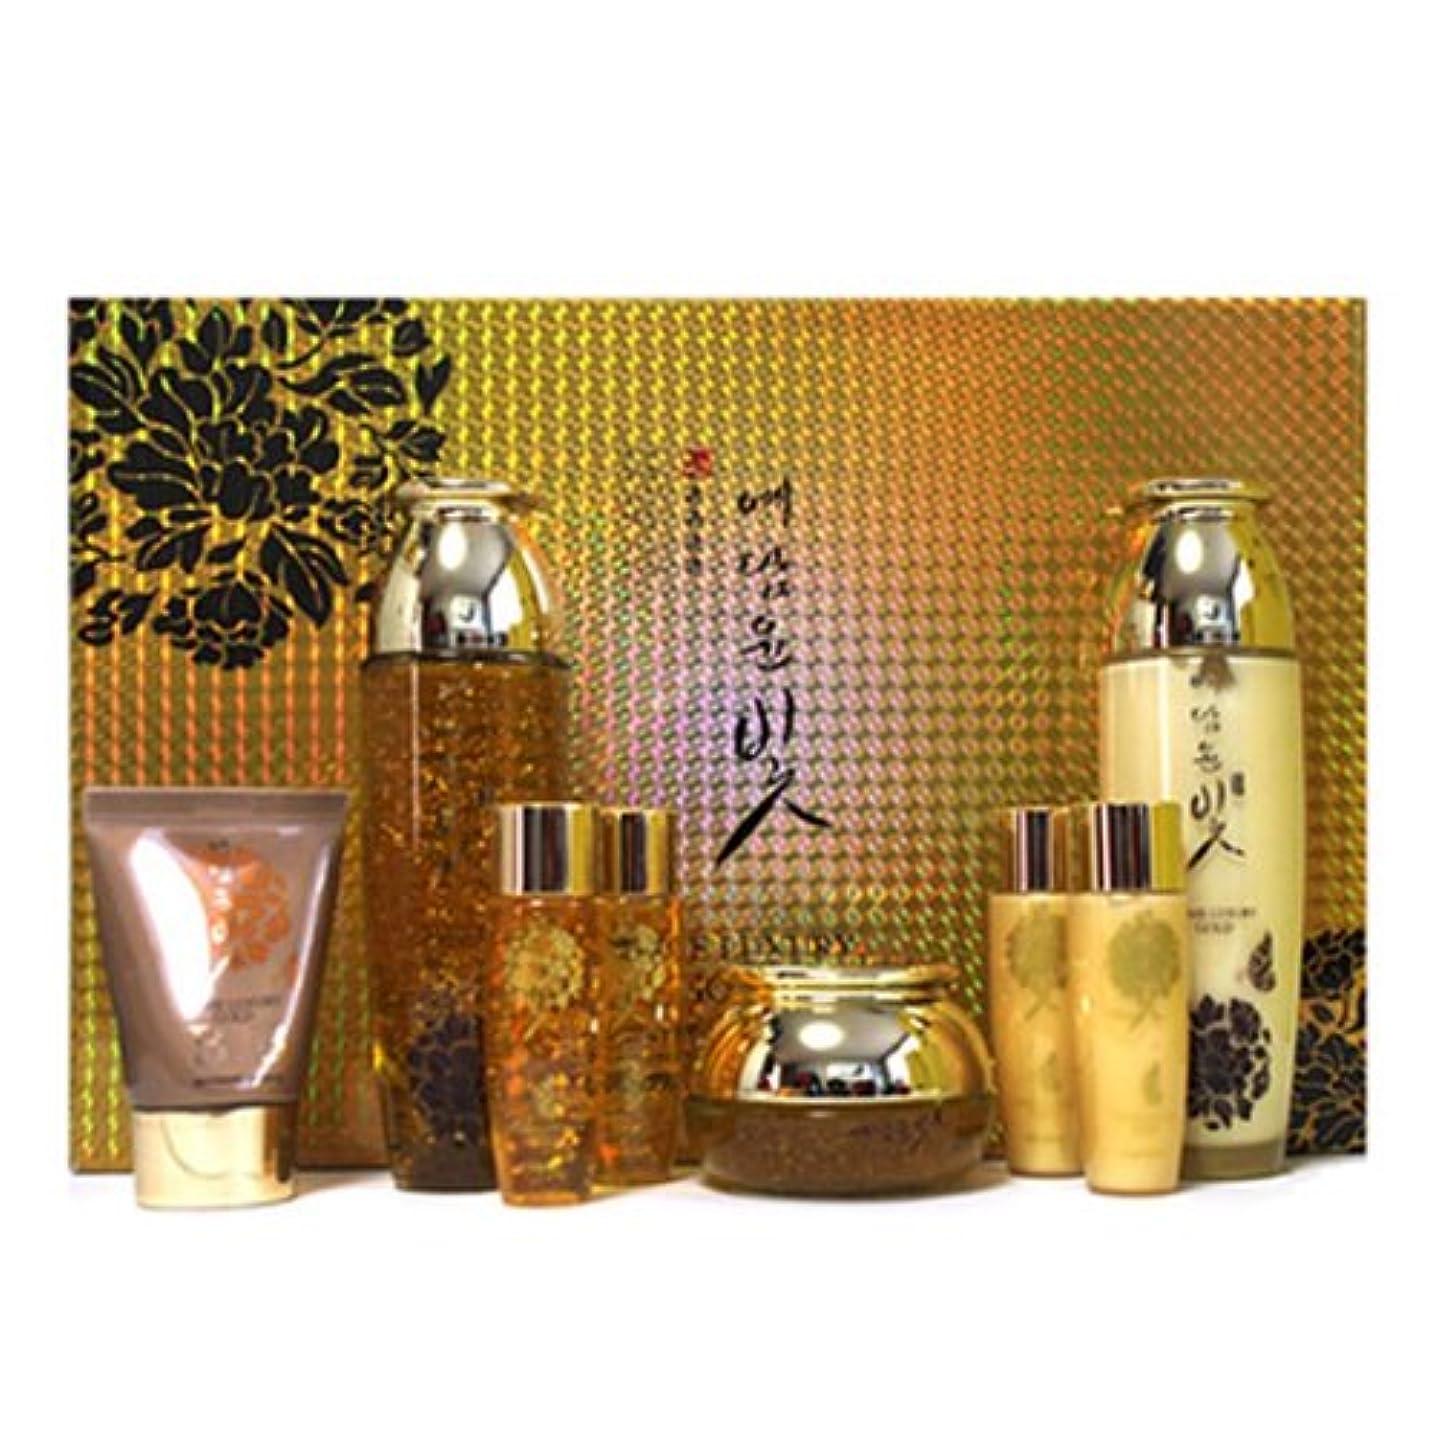 残り予言する交通渋滞イェダムユンビト[韓国コスメYedam Yun Bit]Prime Luxury Gold Skin Care Set プライムラグジュアリーゴールドスキンケア4セット 樹液 乳液 クリーム/ BBクリーム [並行輸入品]